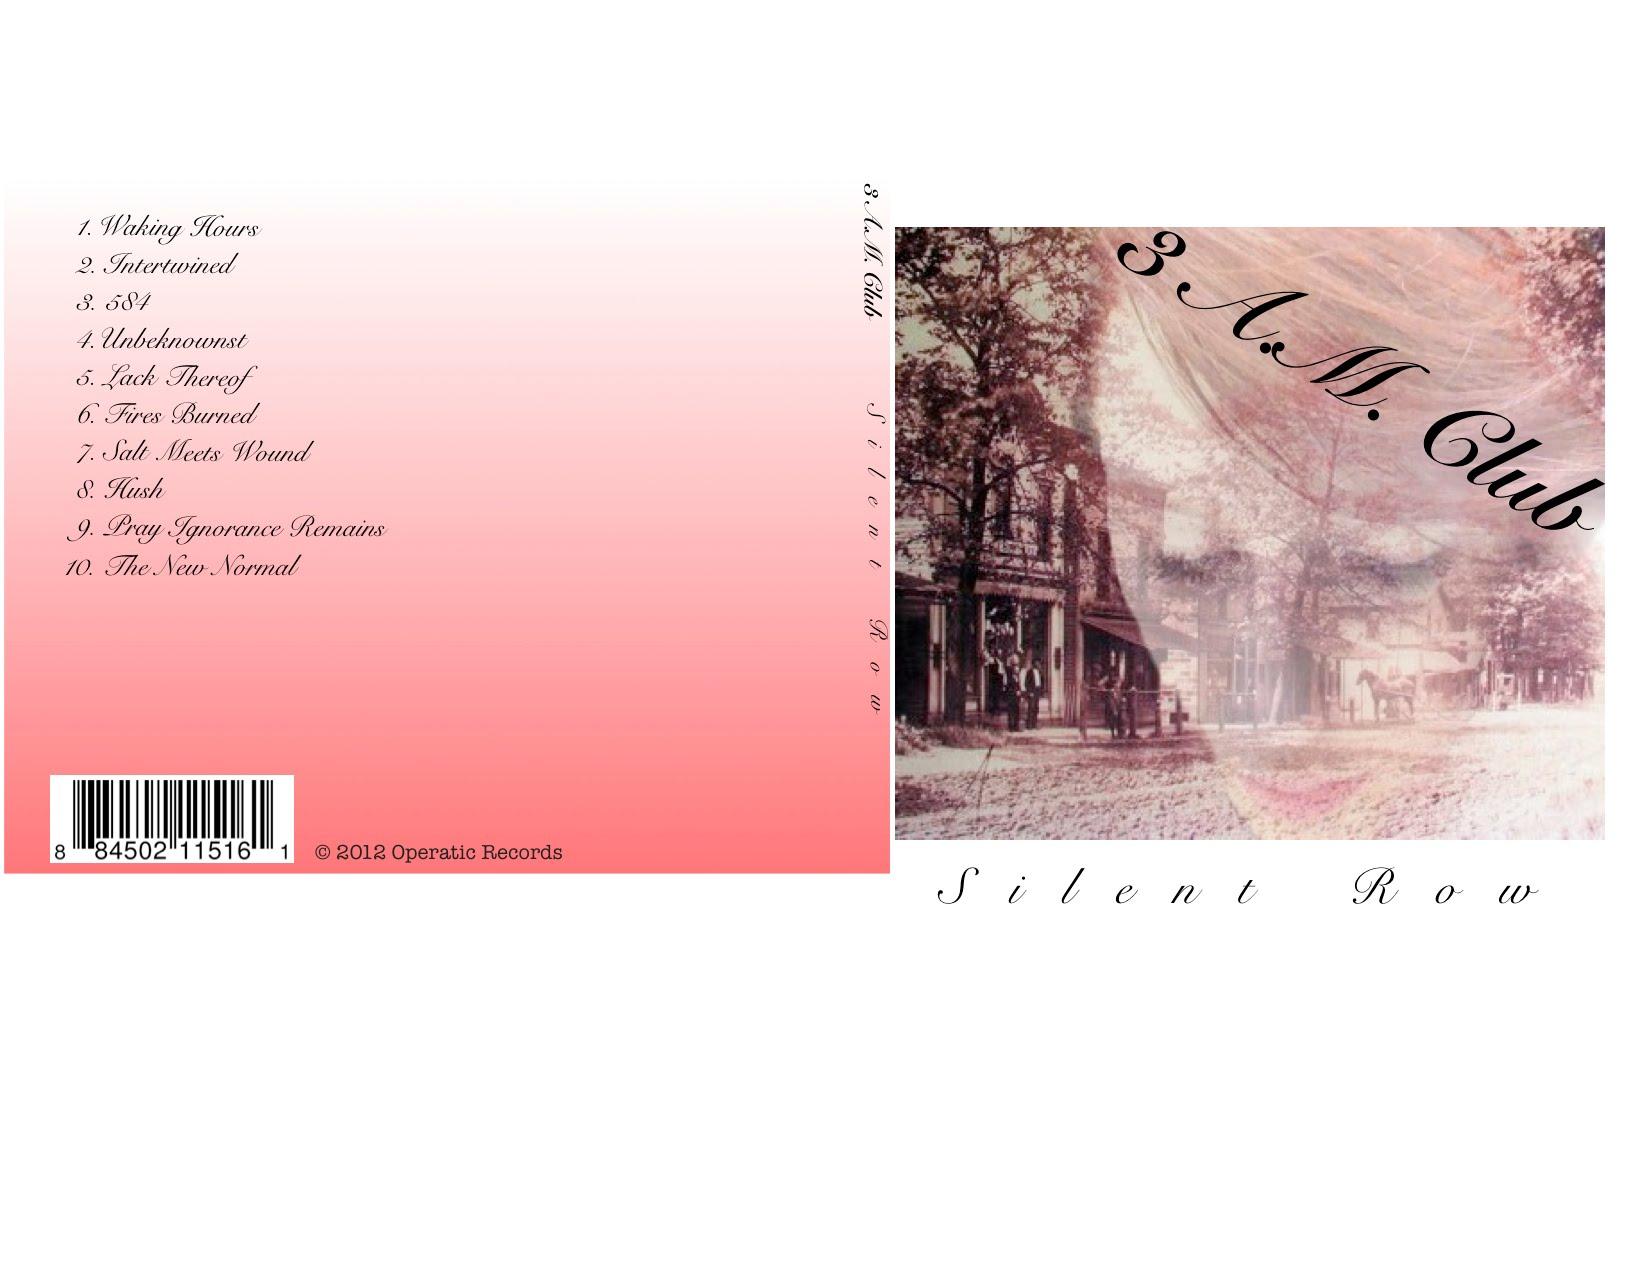 CD Cover - Aubrey Kaye Edmonds